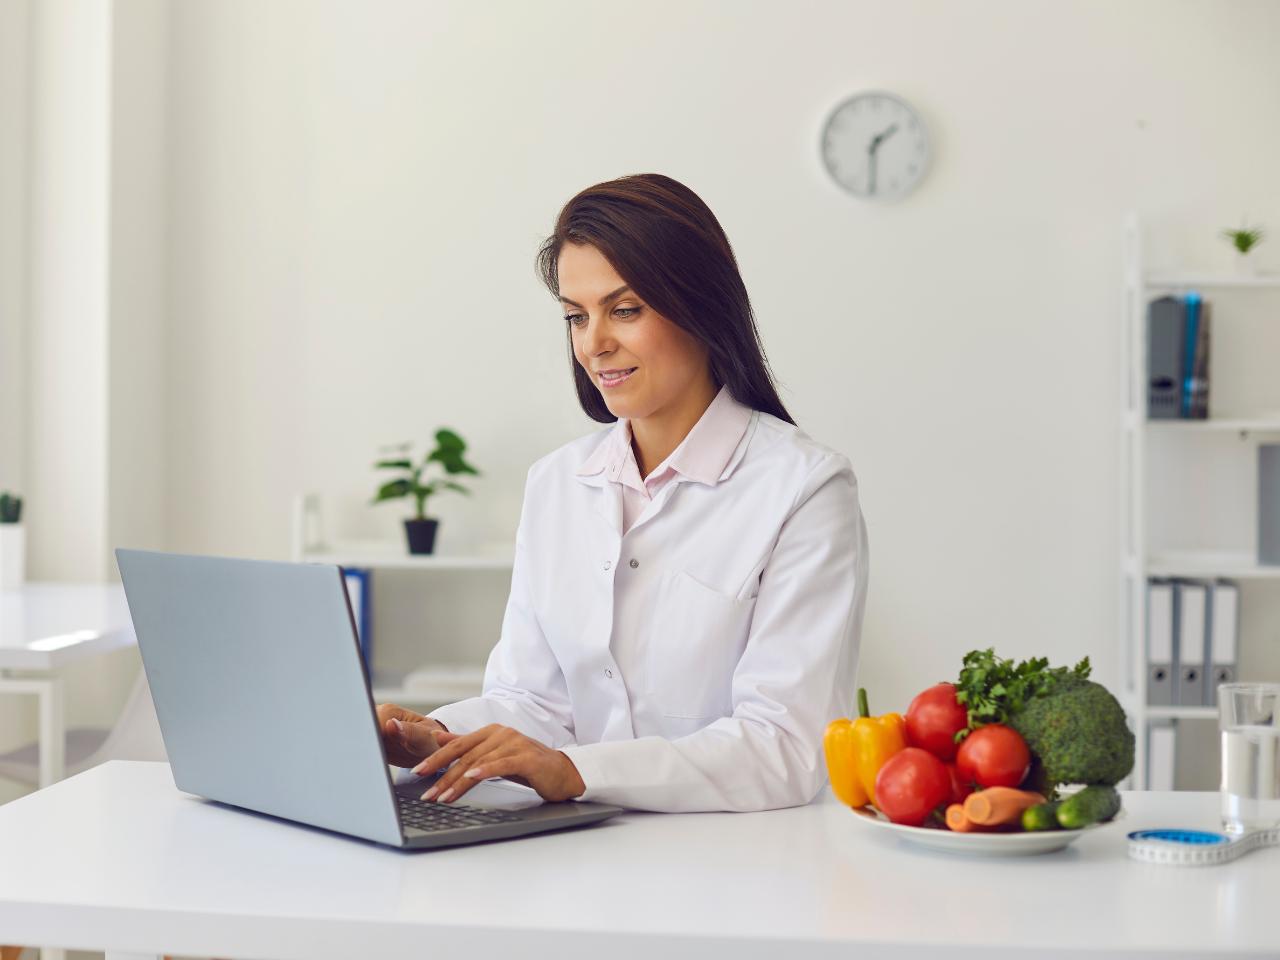 Specjalista ds. dietetyki i żywienia człowieka